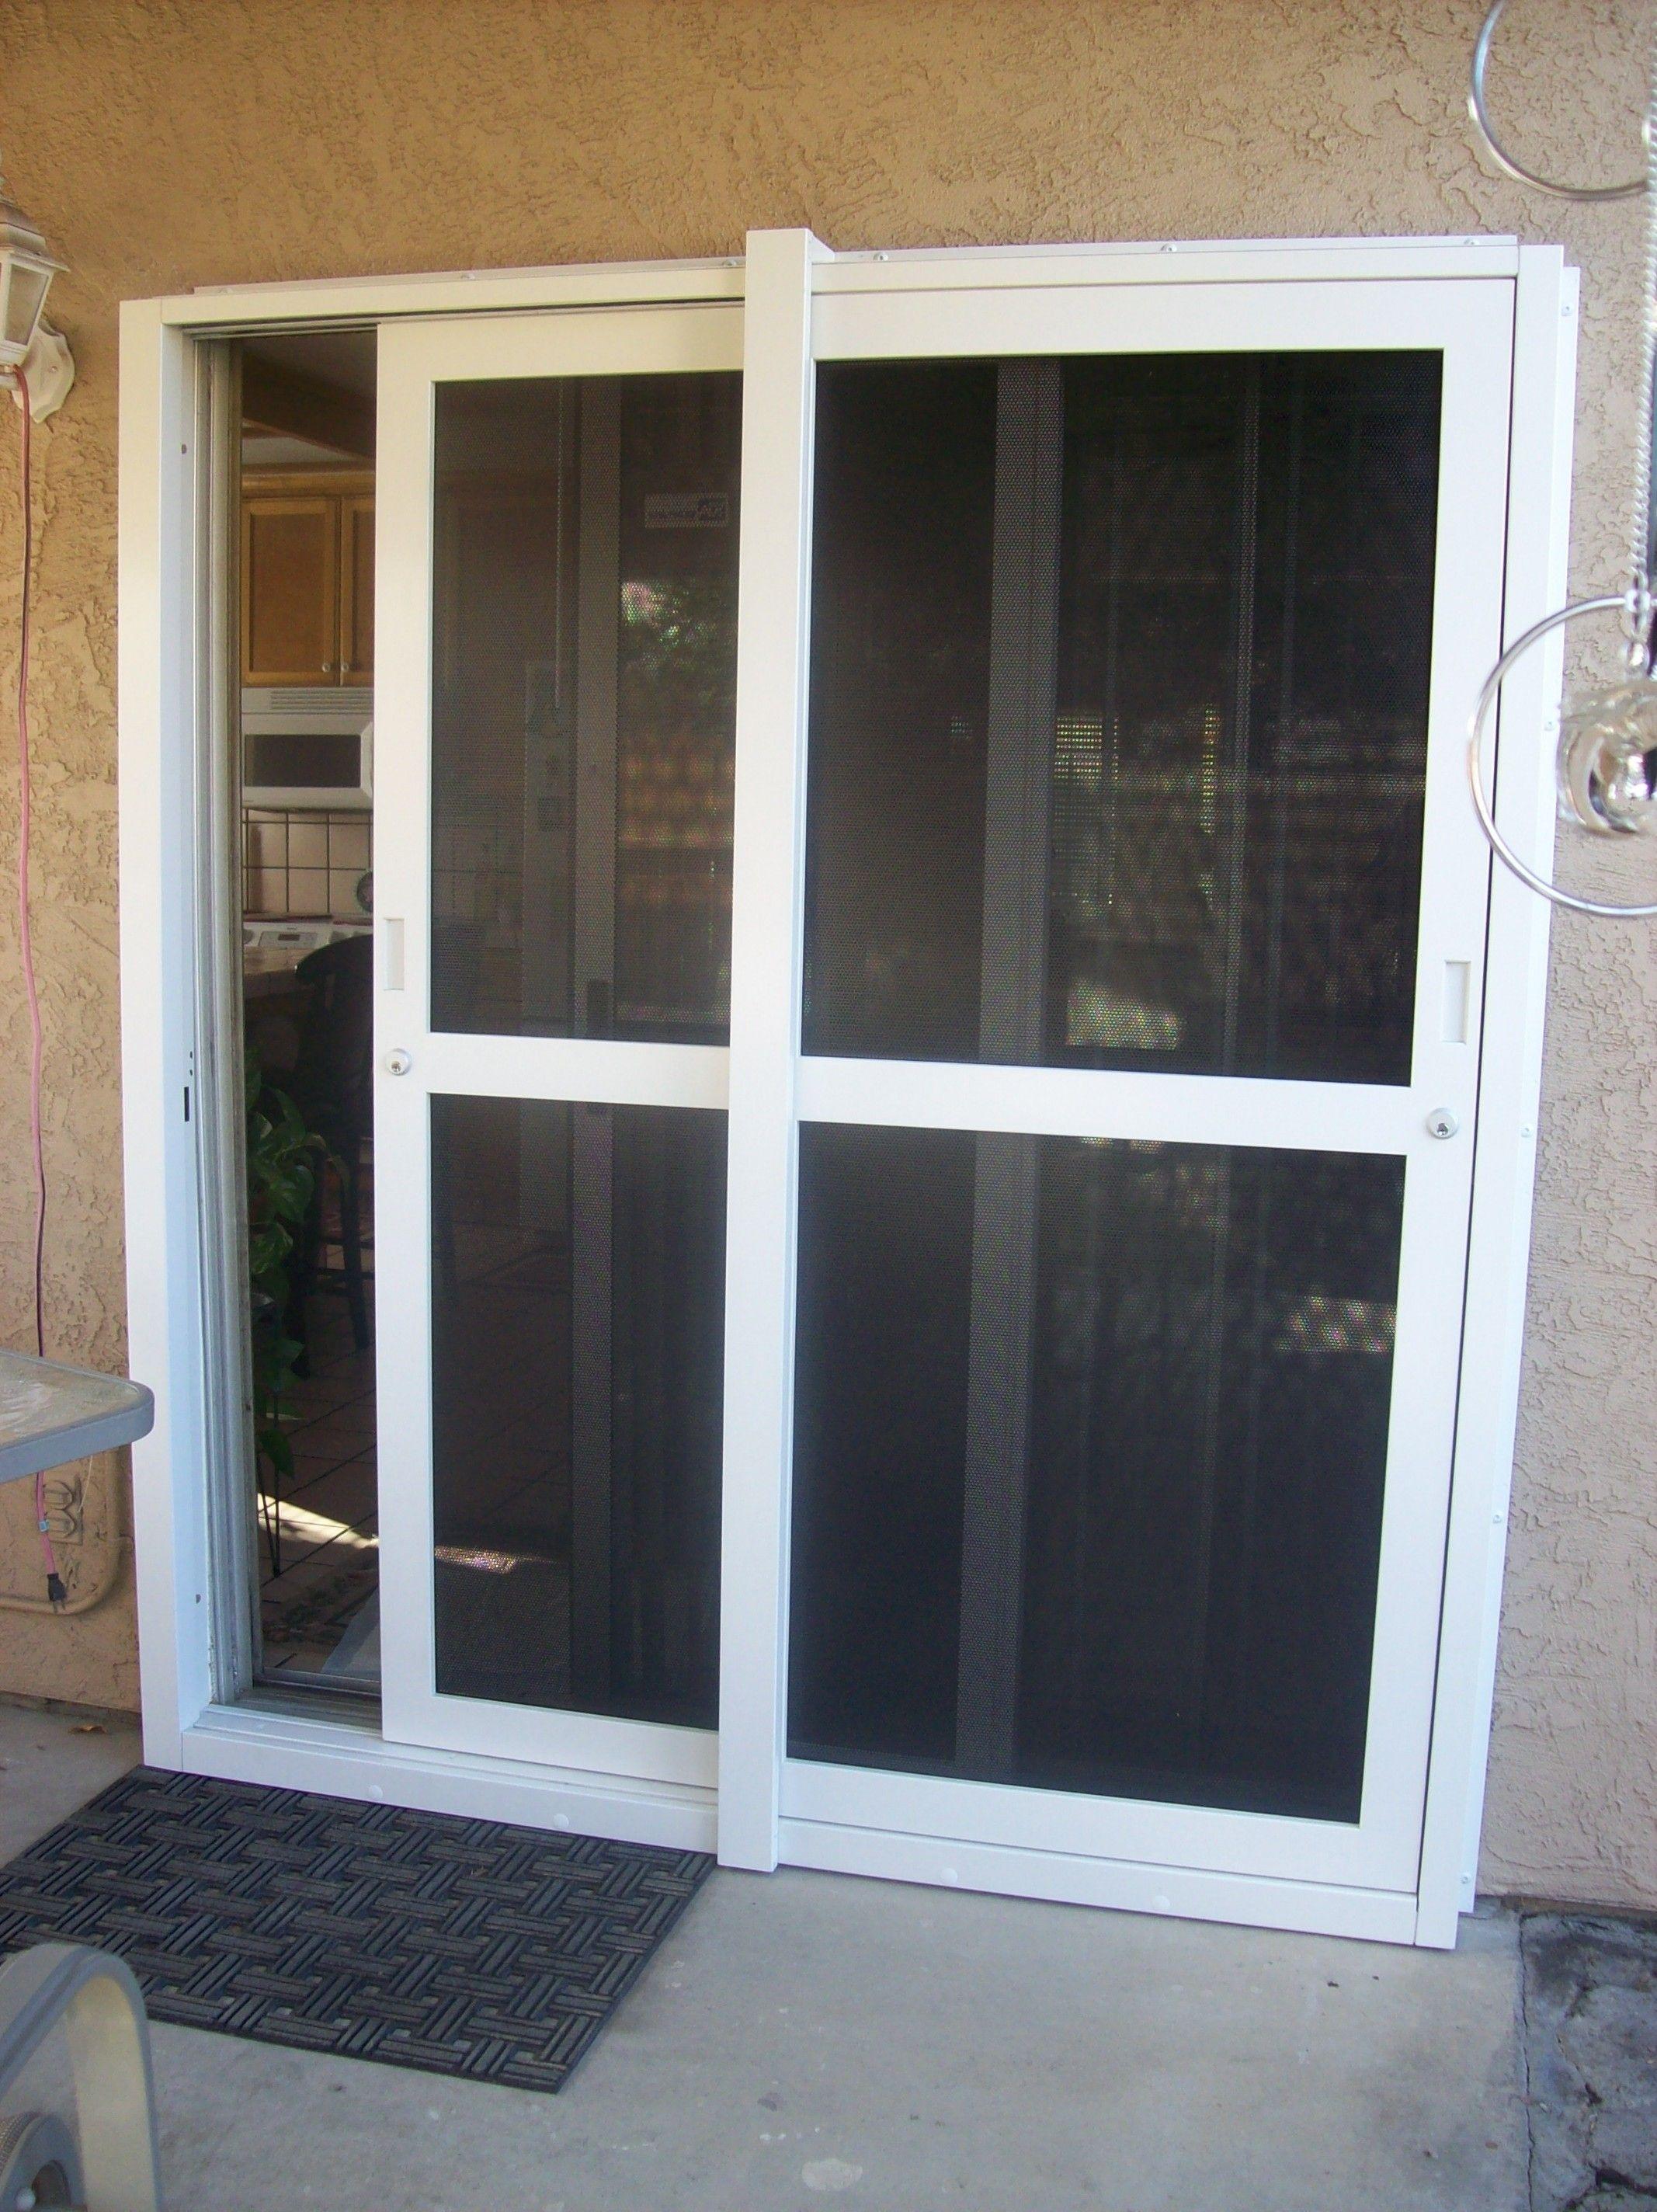 Security Screen Doors For Sliding Glass Doors Http